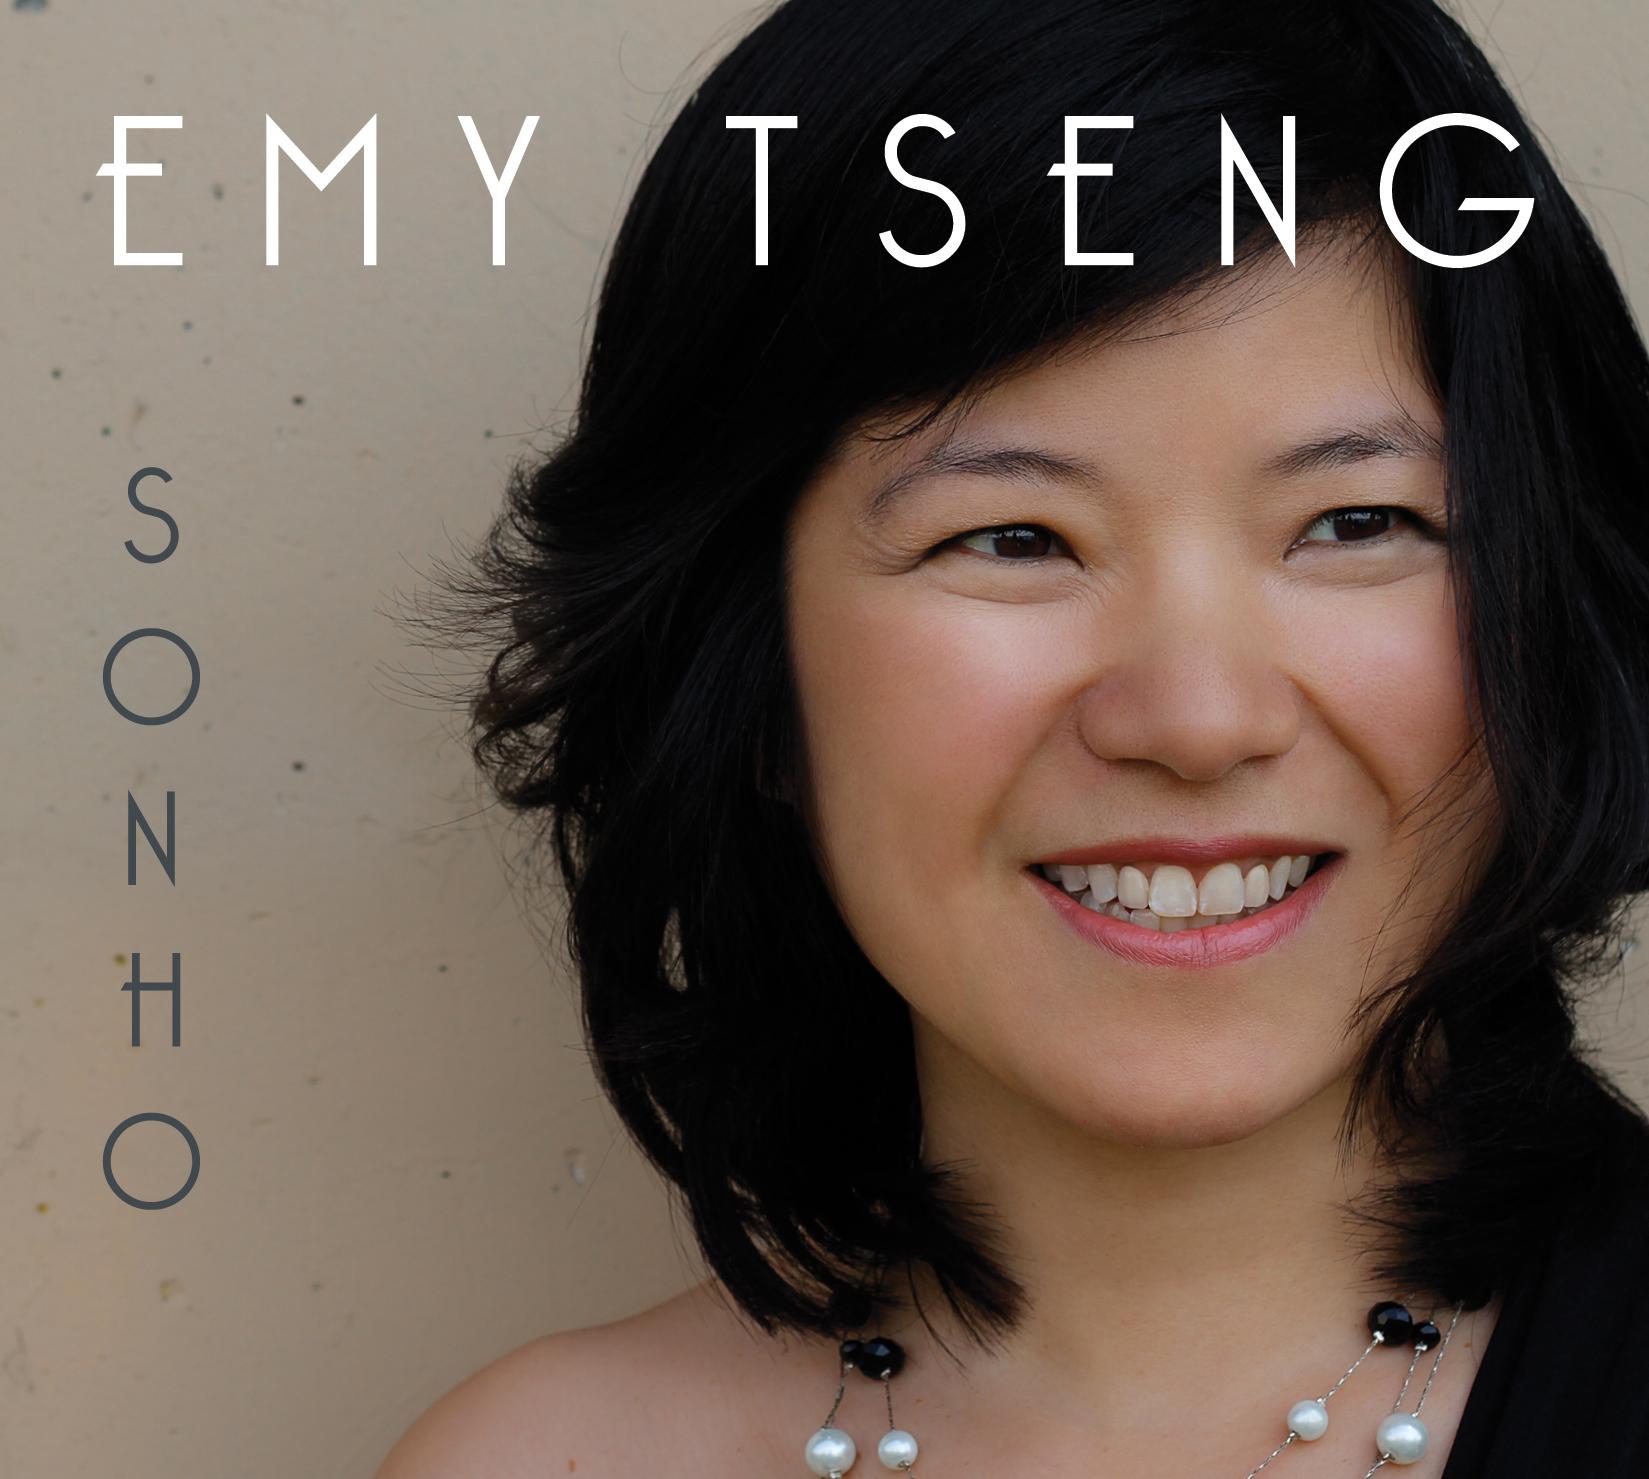 Emy Tseng Sonho